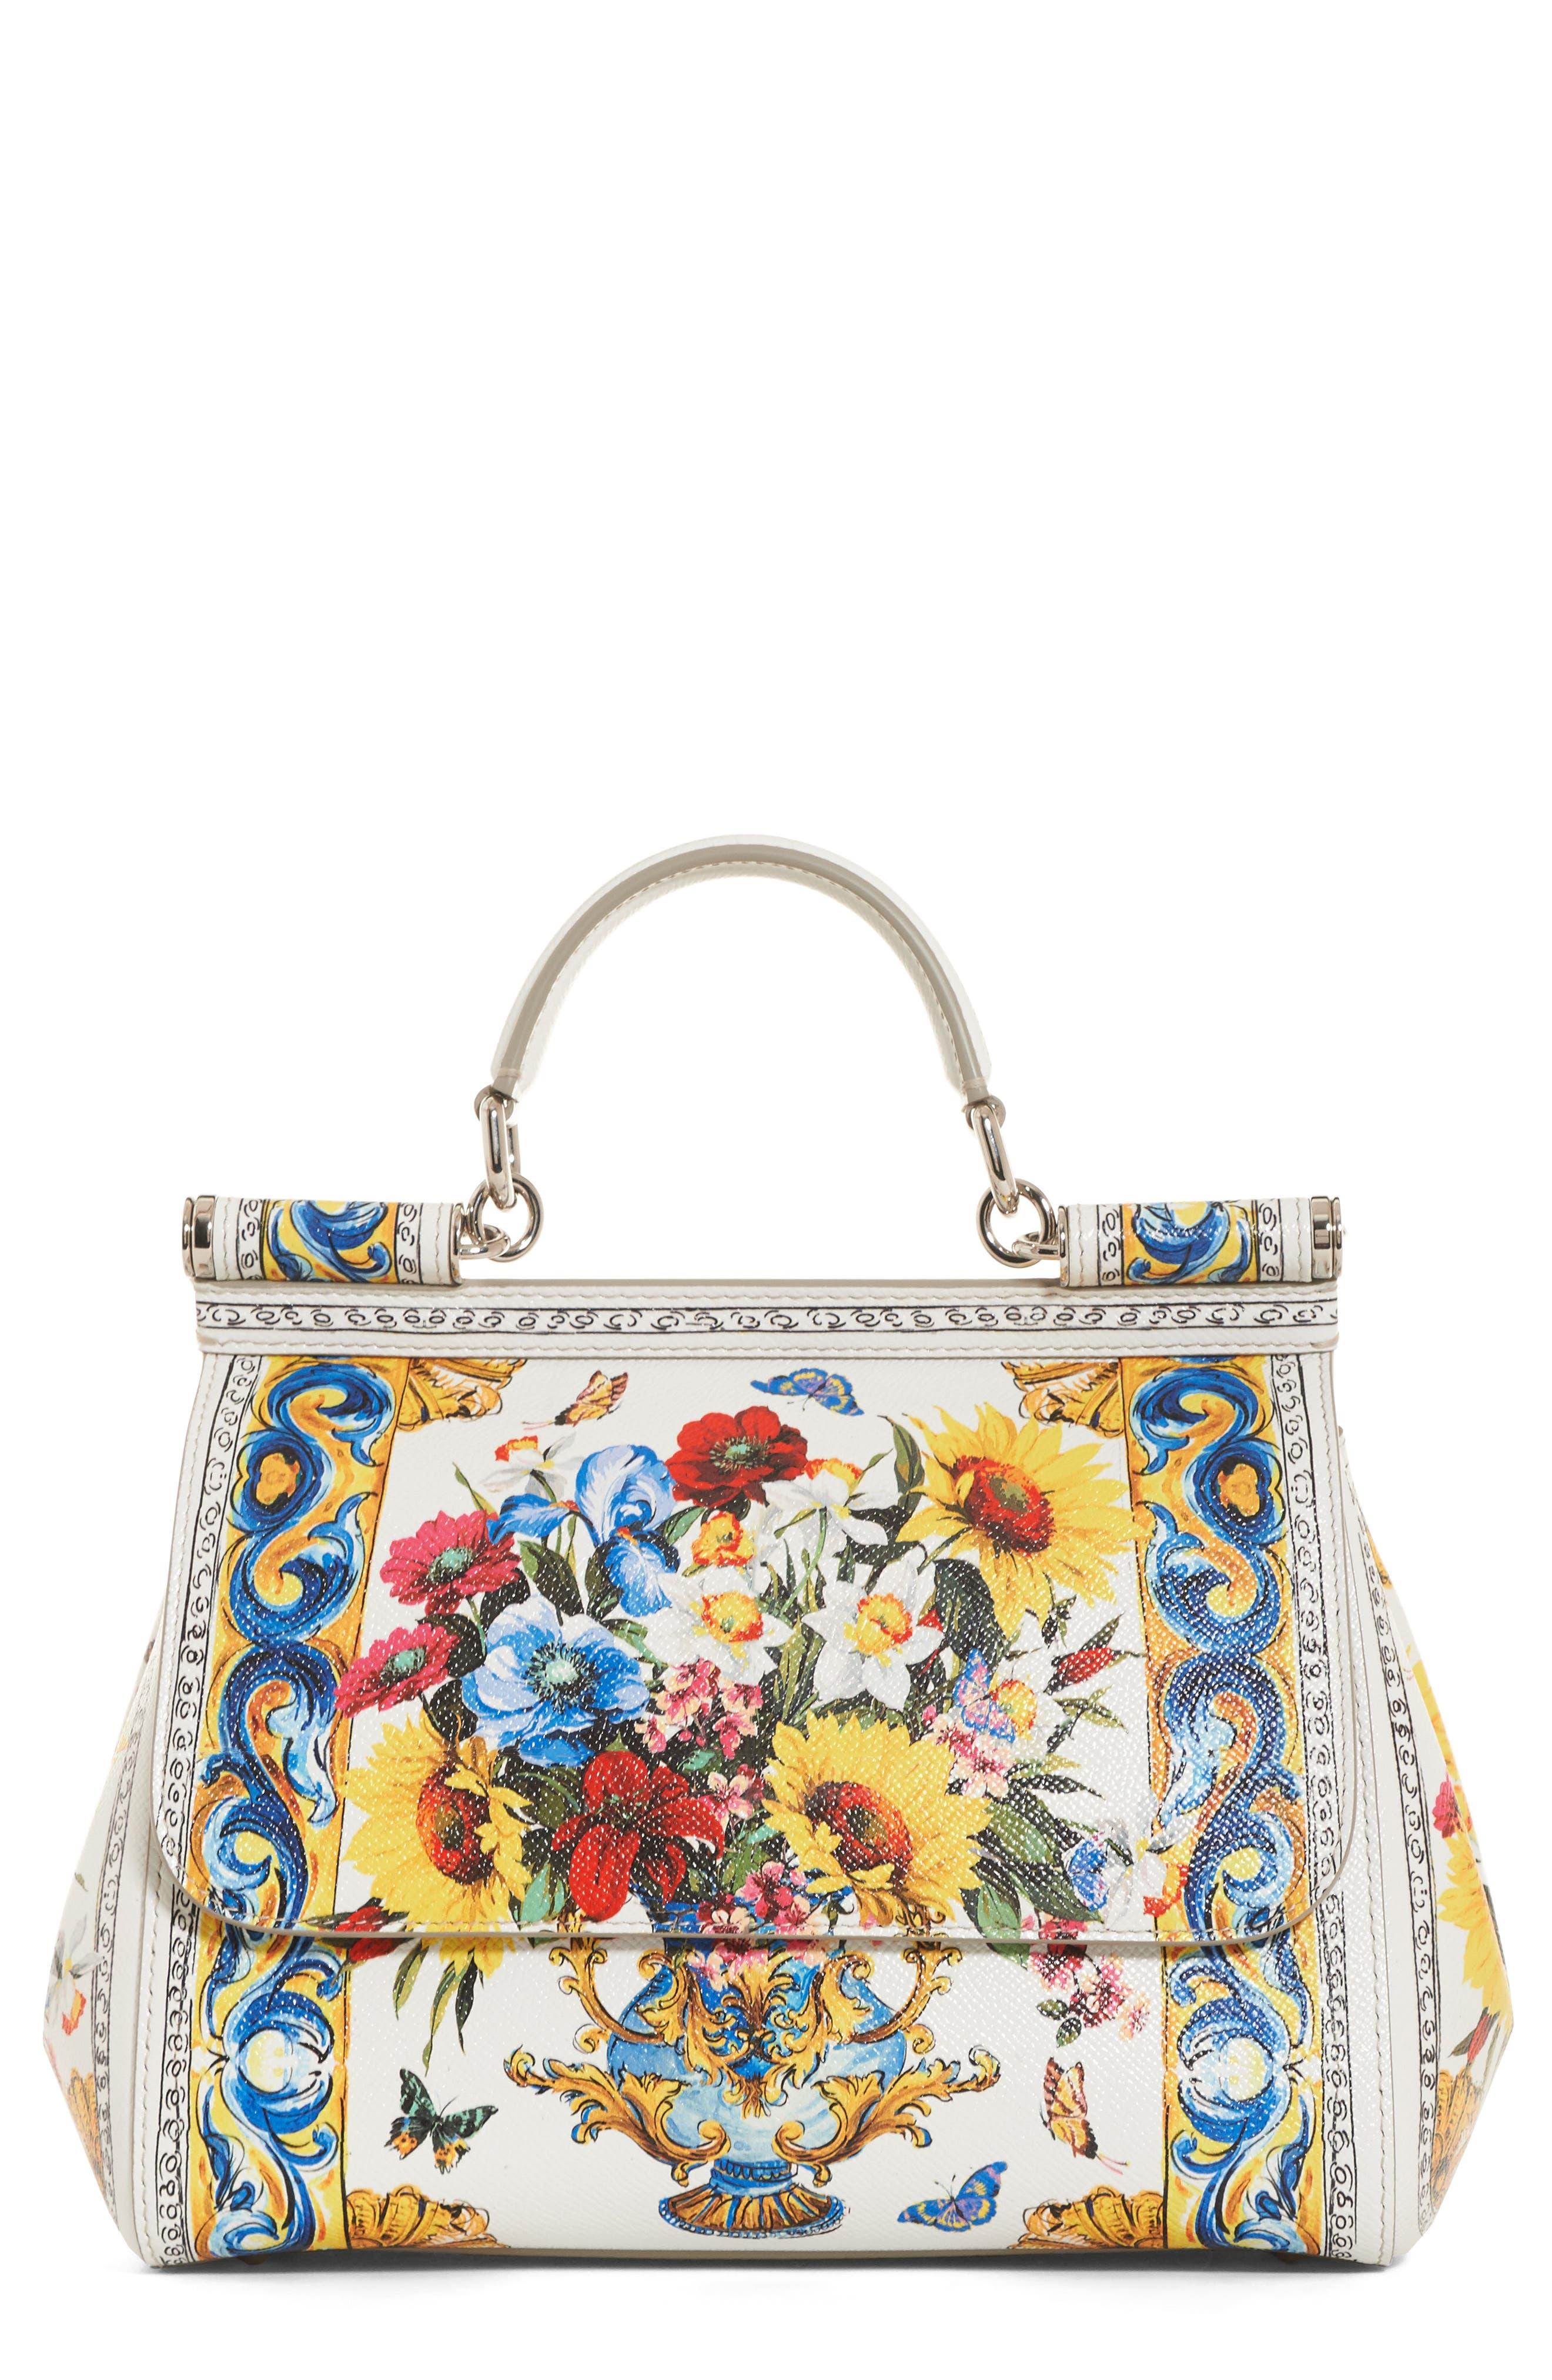 Dolce&Gabbana Medium Maiolica Fiori Sicily Leather Satchel